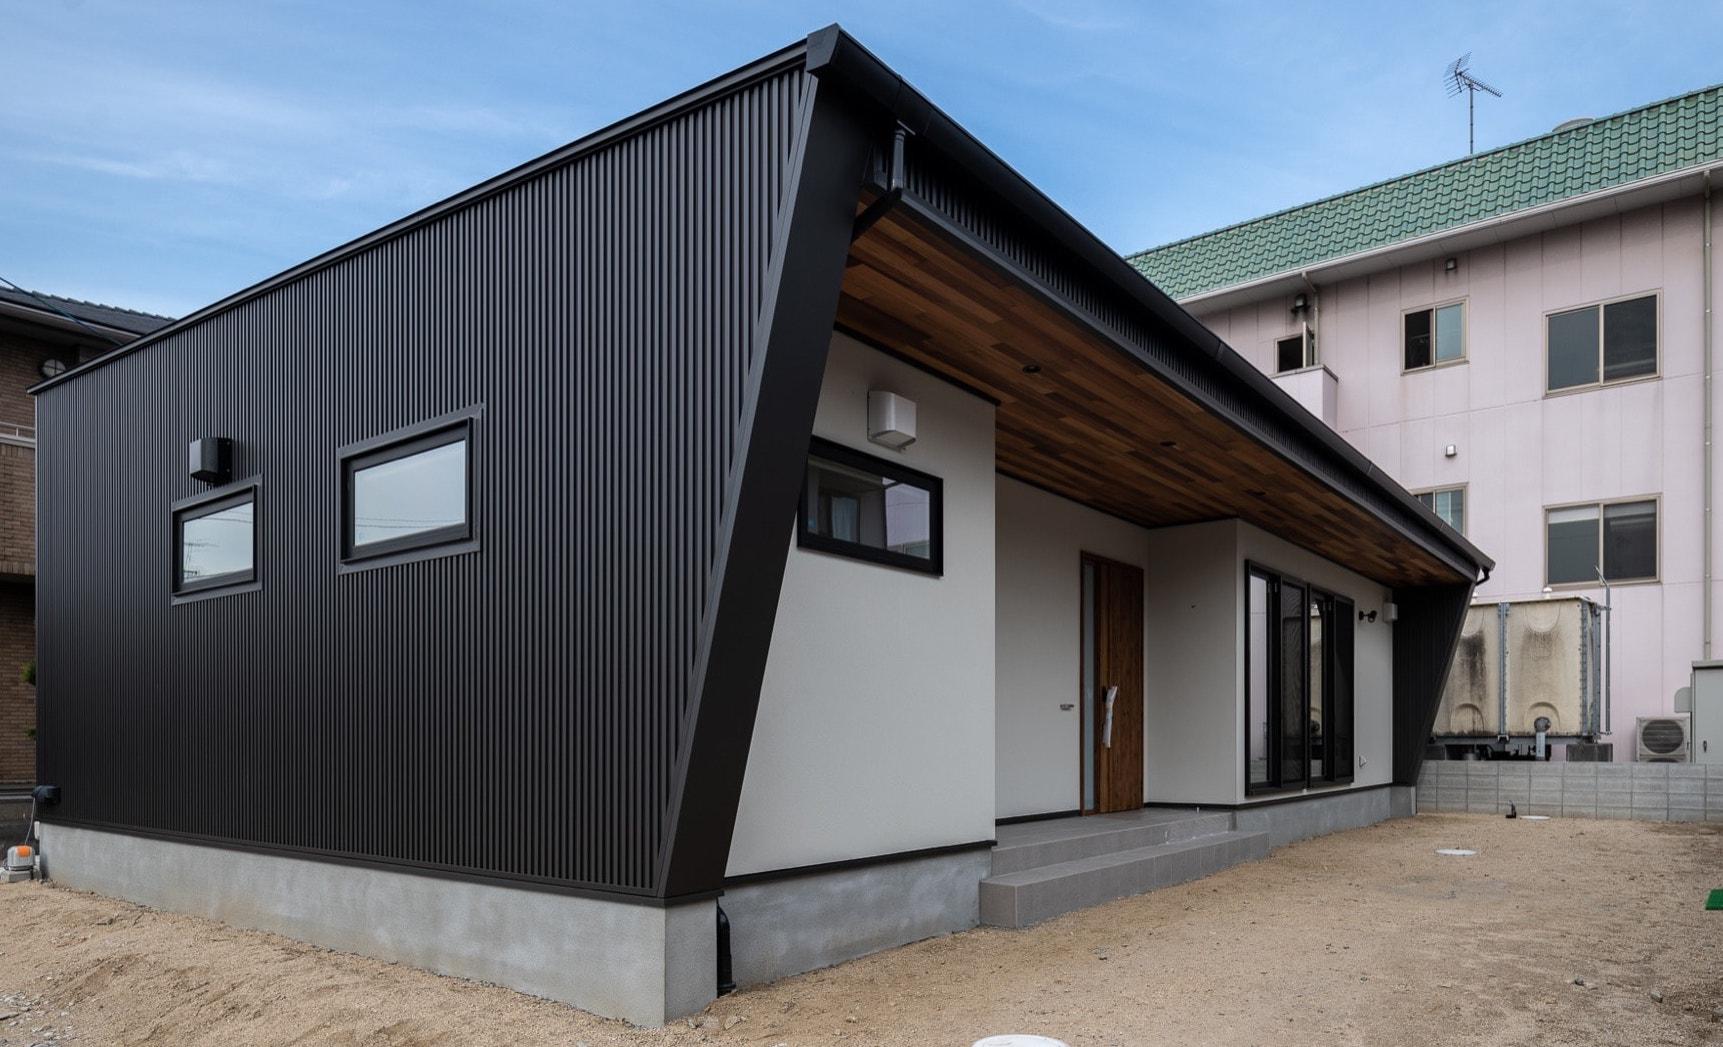 スタイリッシュな塗り壁の平屋|岡山・倉敷・福山の注文住宅ならFORT建築設計